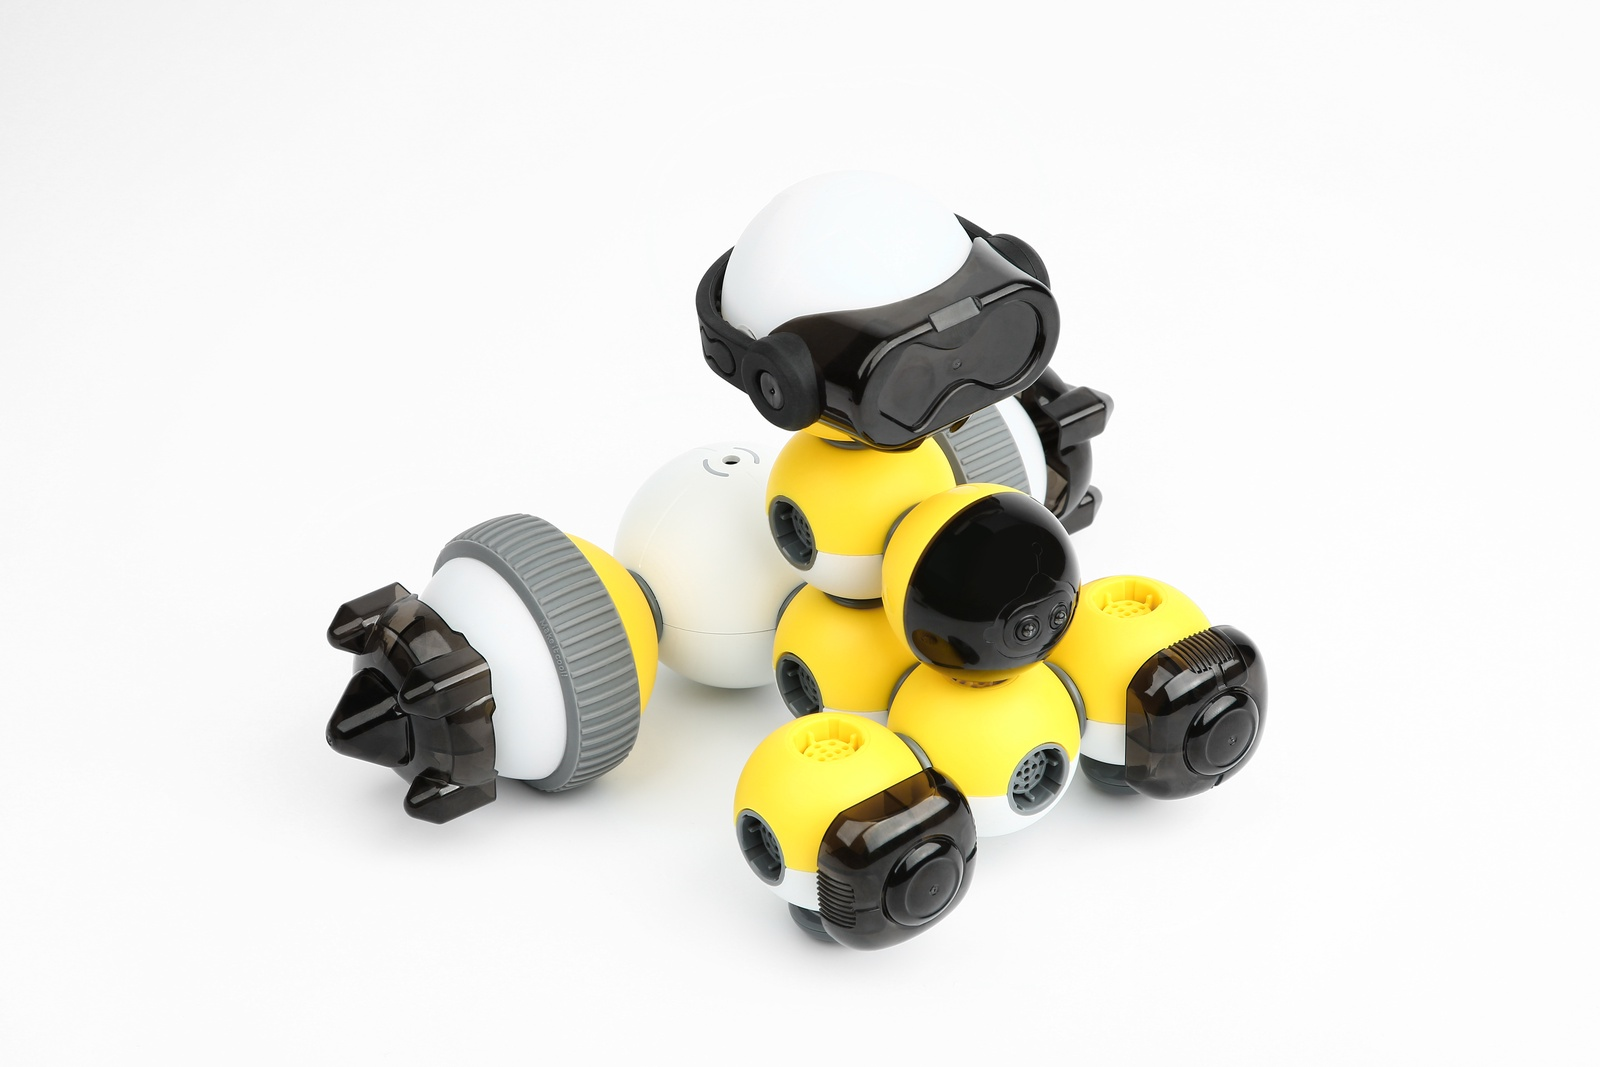 Программируемый робот Bell Robot Детский конструктор-робот Mabot B Бесконечные возможности и веселье!Потрясающая игрушка для STEAM...